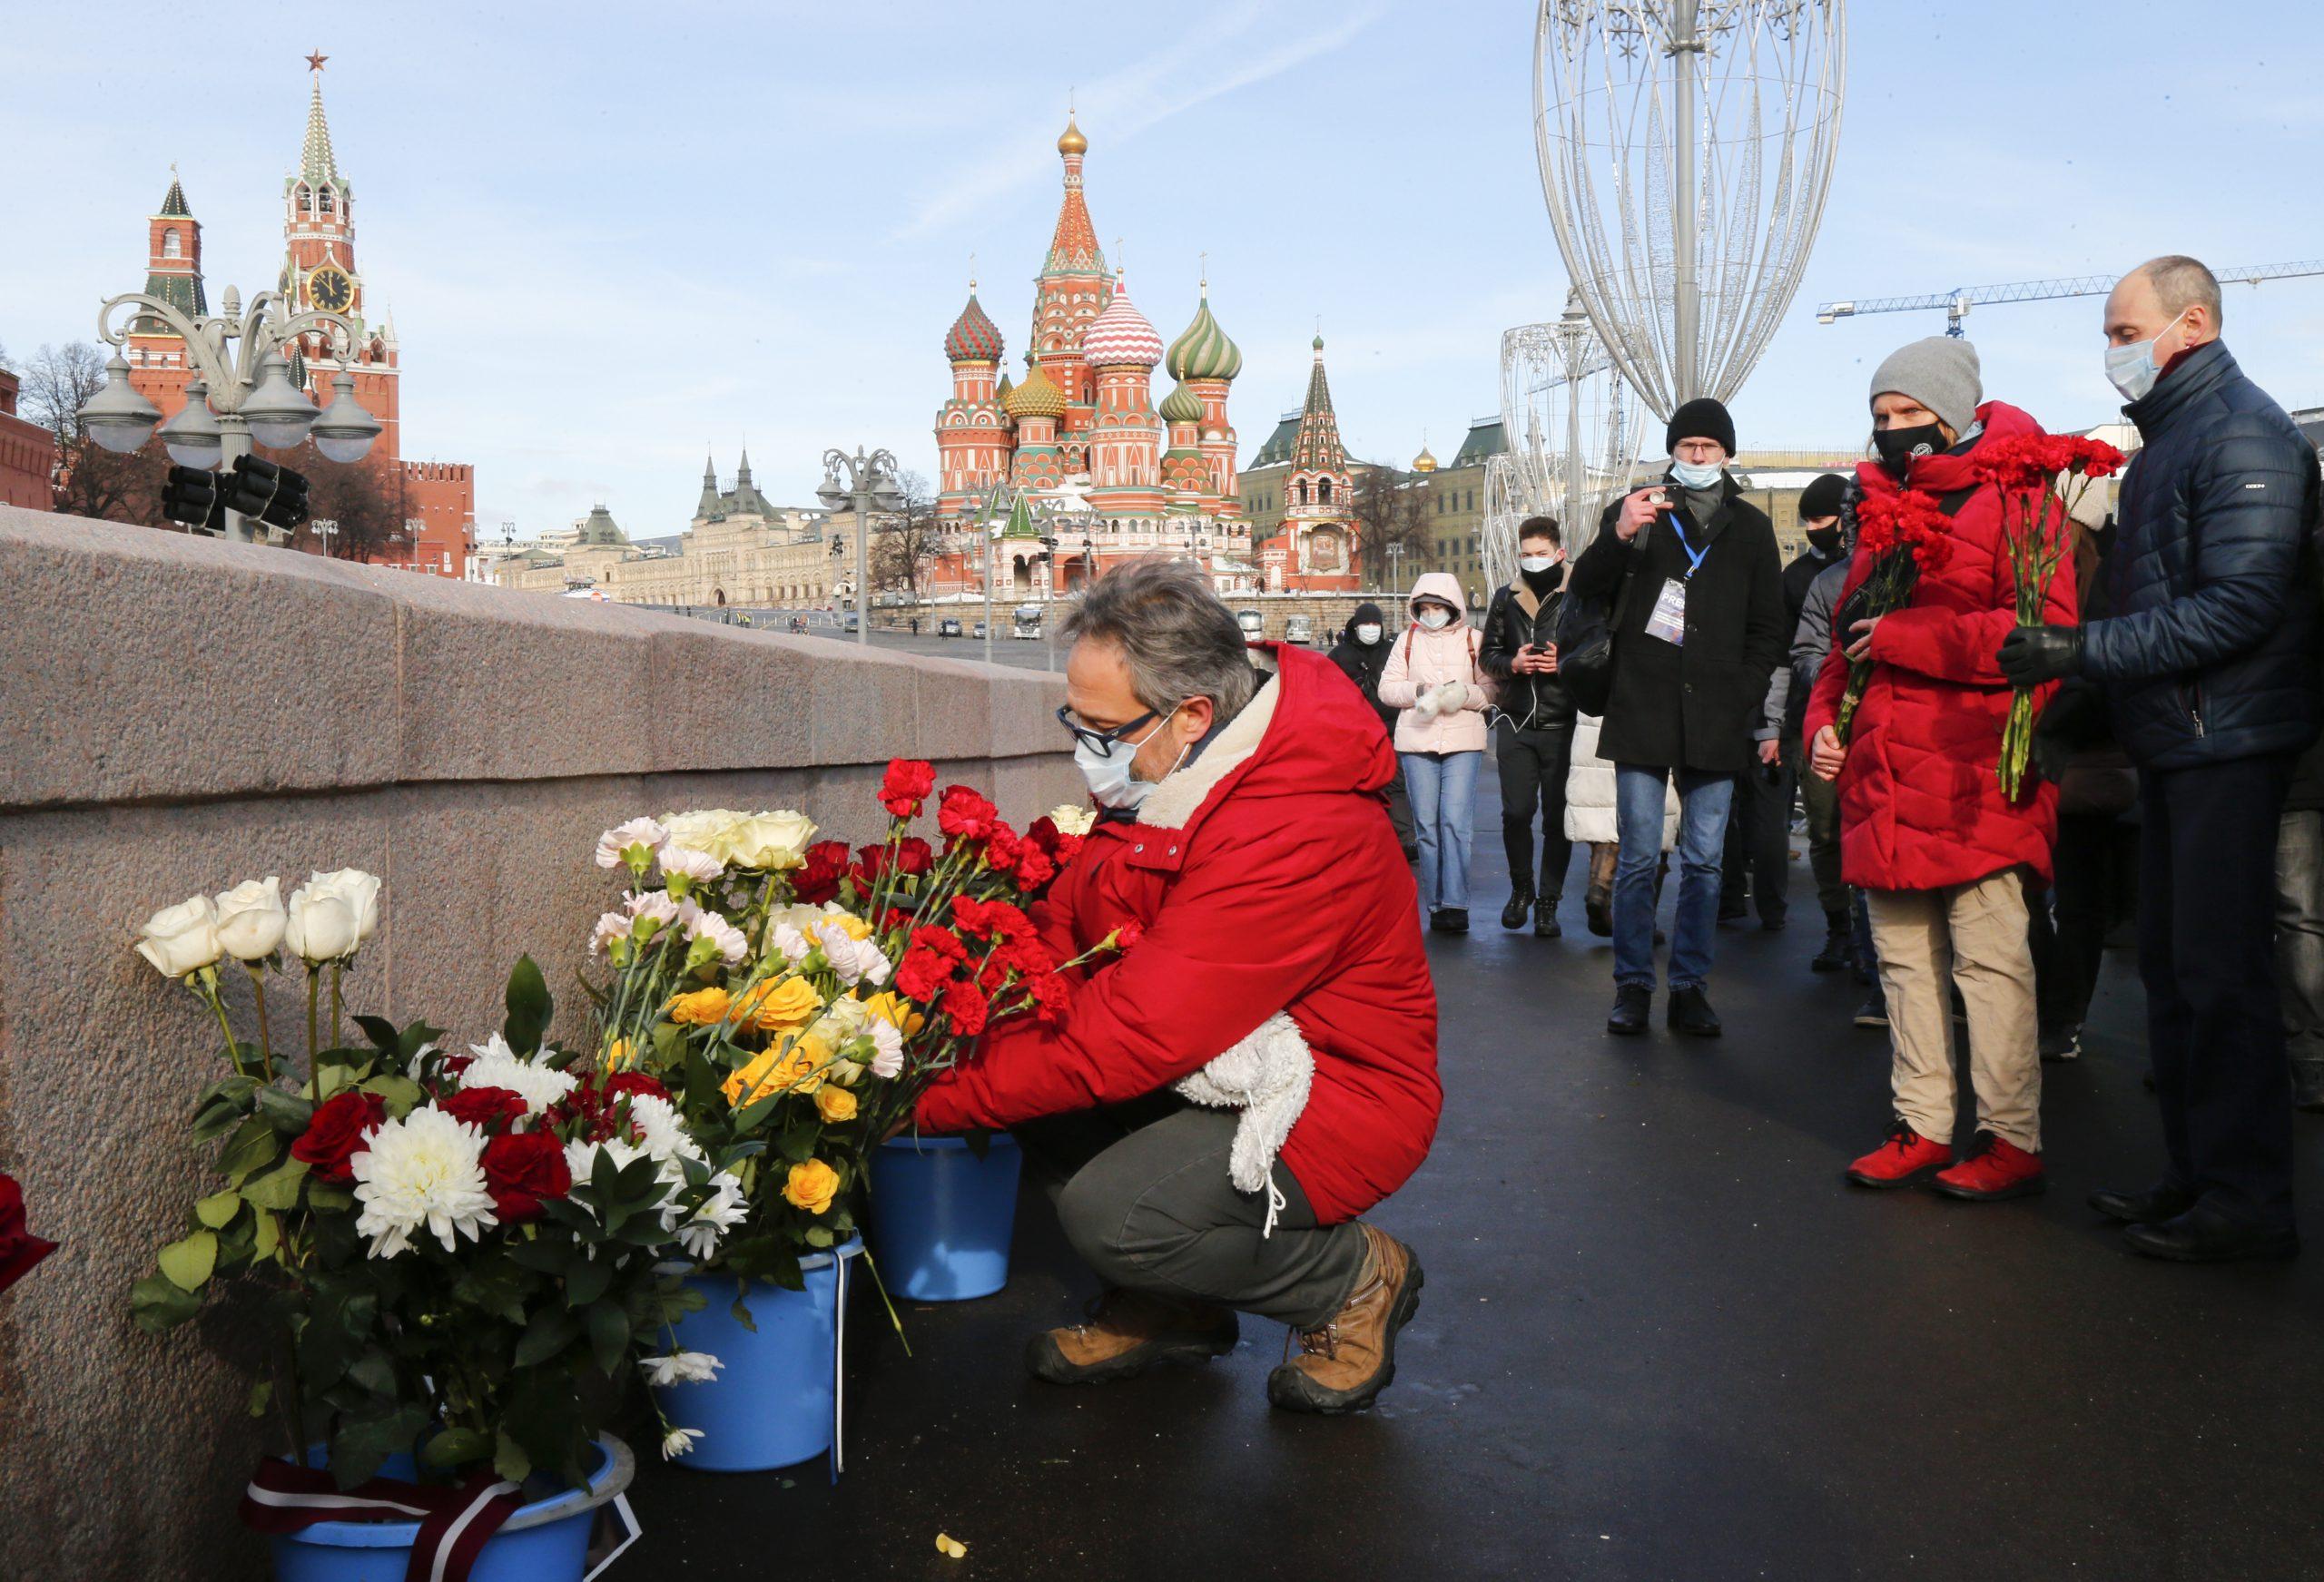 Nekoliko stotina ljudi na obeležavanju godišnjice ubistva ruskog opoziconara Njemcova (FOTO) 2